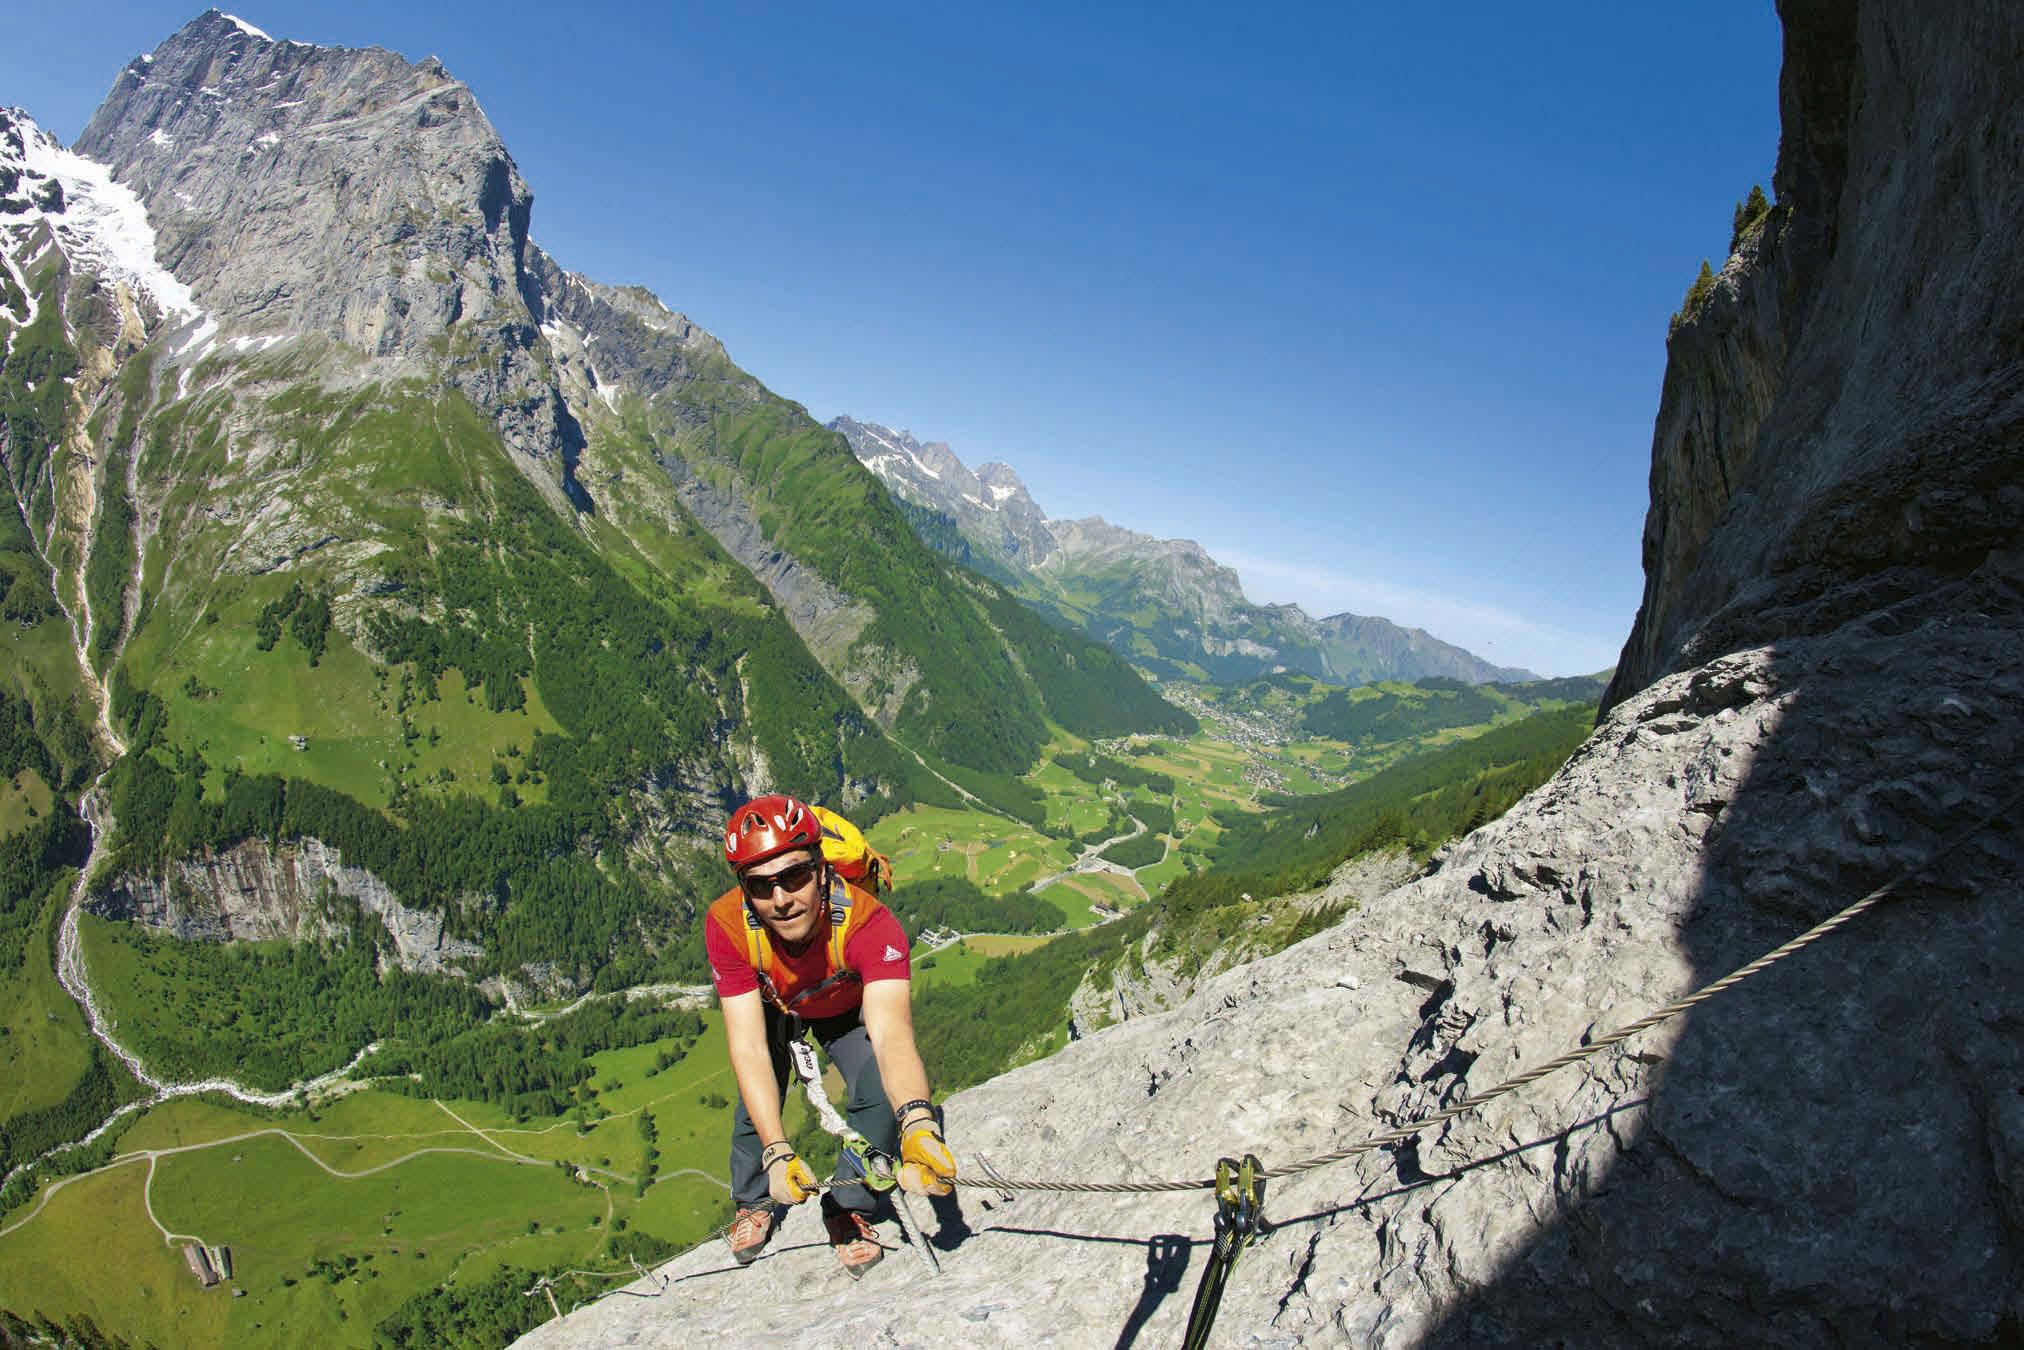 Klettersteig Ostschweiz : Klettersteig mit atemberaubender sicht ins tal schweiz tourismus